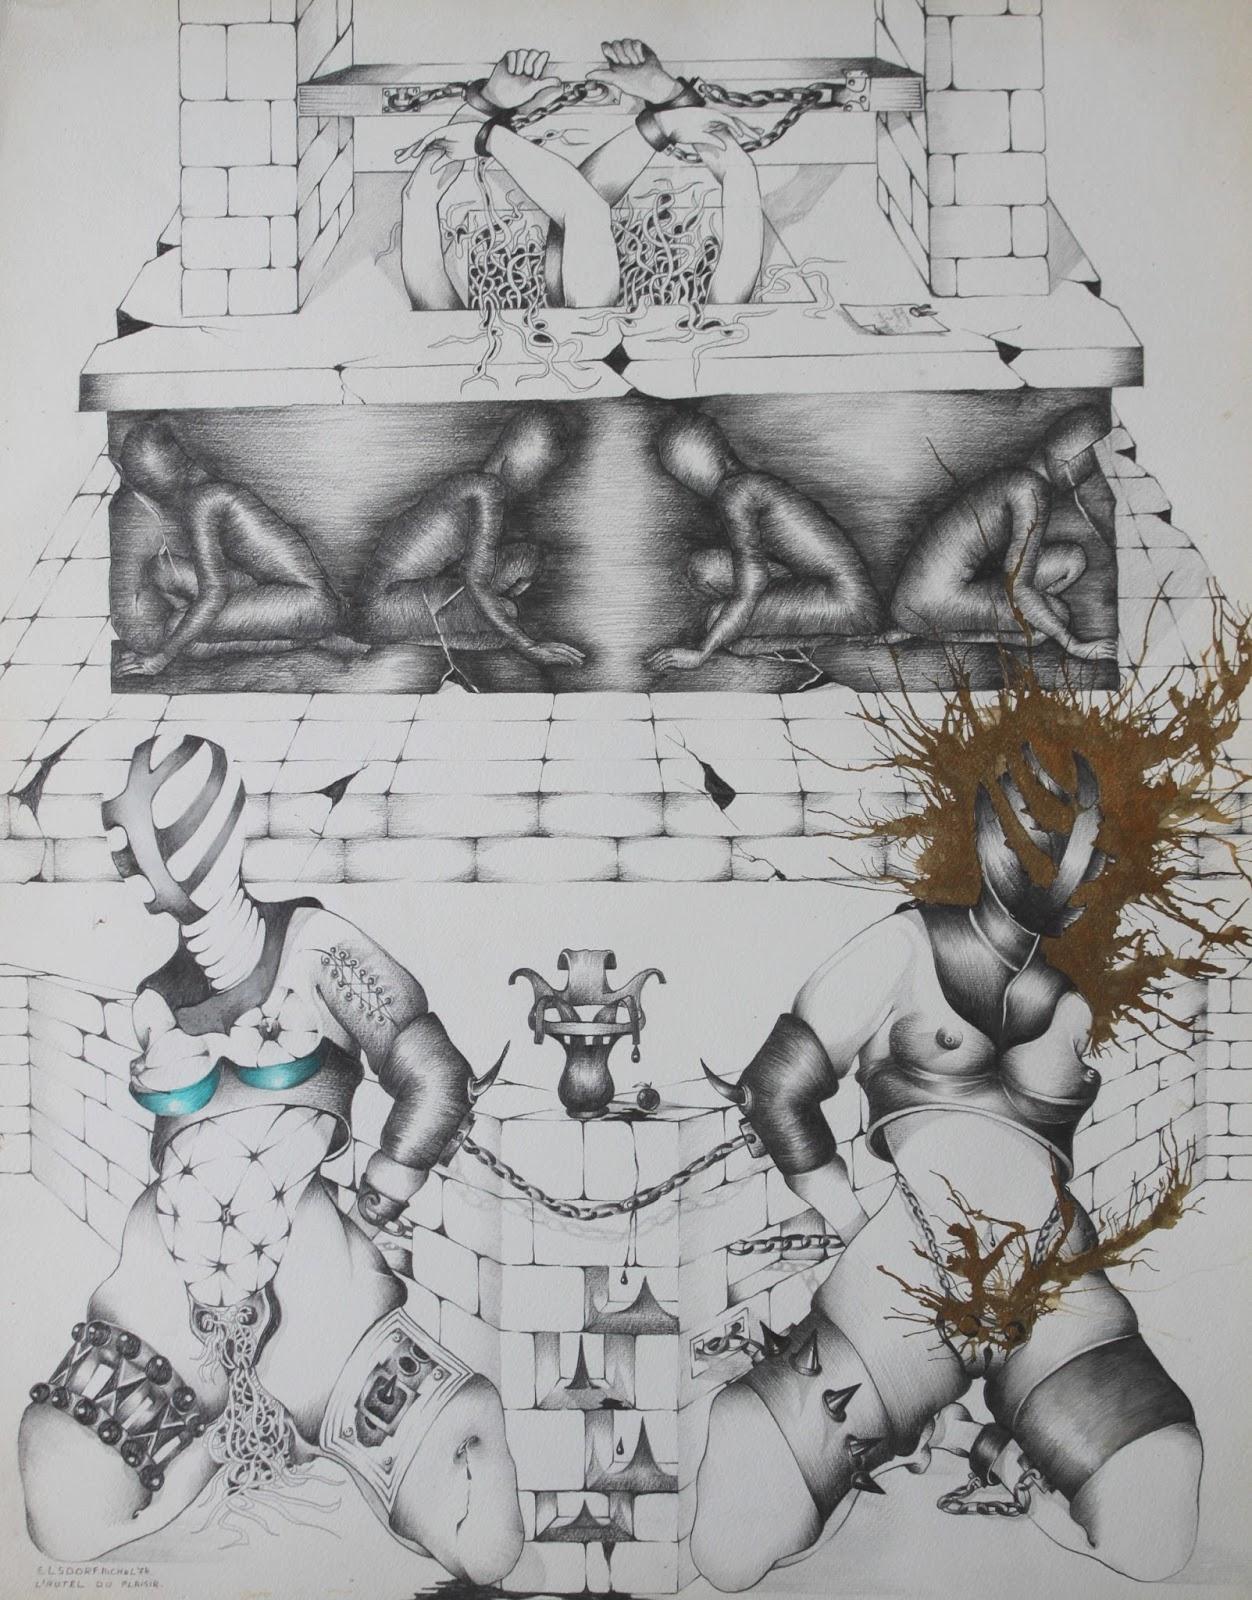 Dessin Jardin Banque D'Images, Vecteurs Et Illustrations